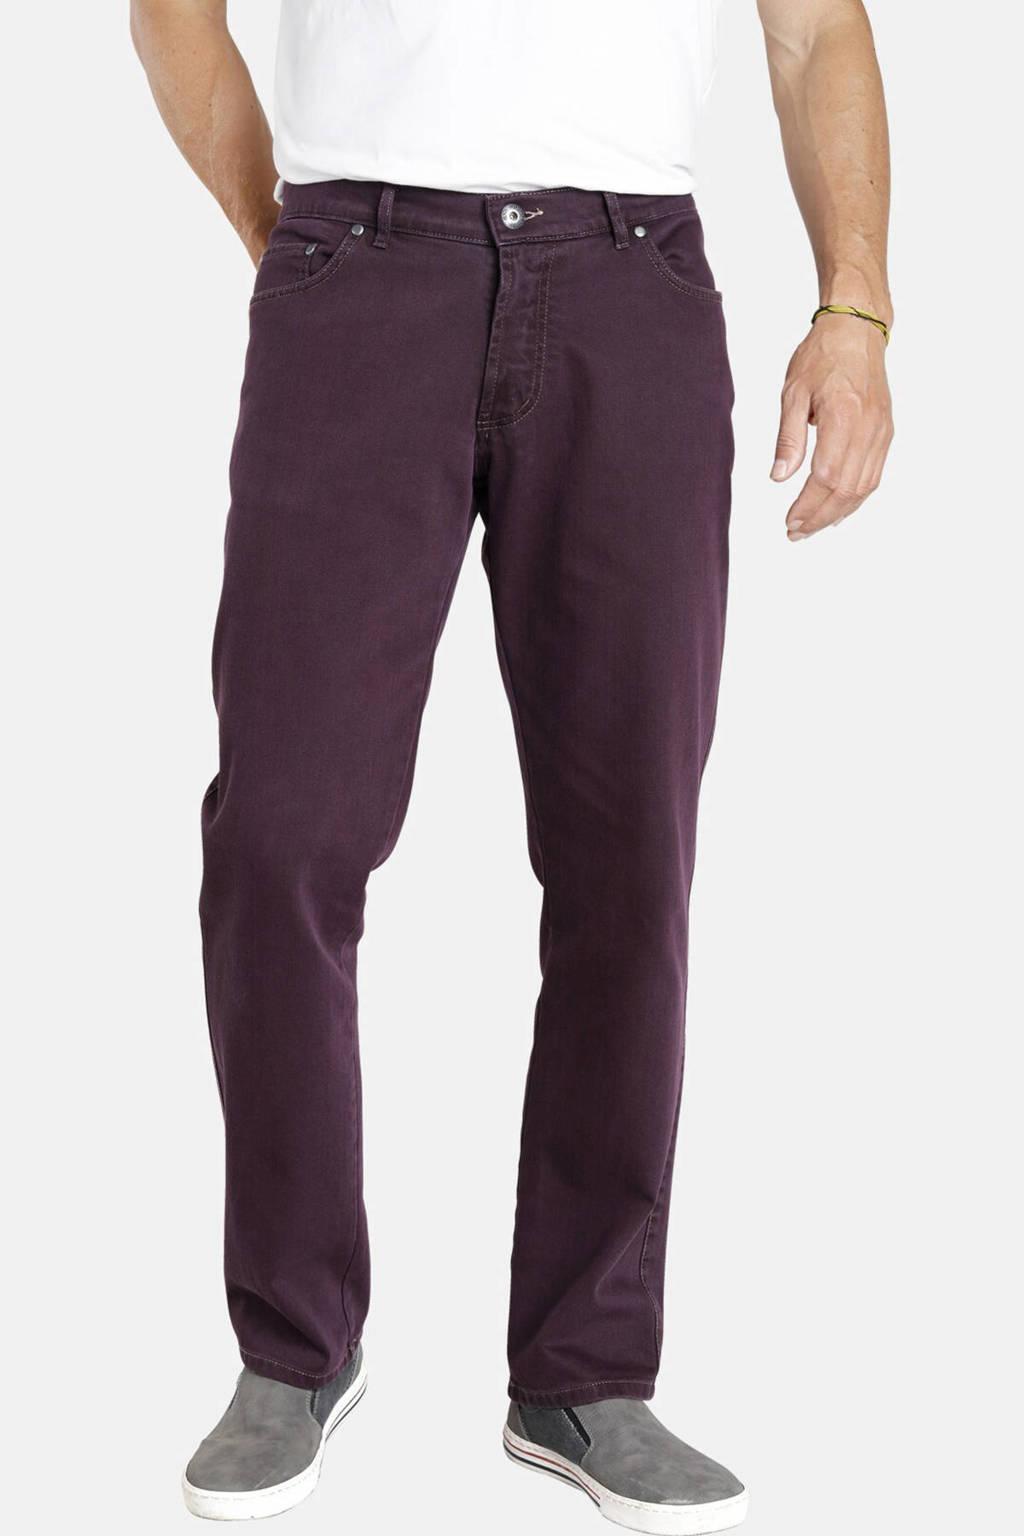 Jan Vanderstorm loose fit broek GUNNAR Plus Size lila, Lila